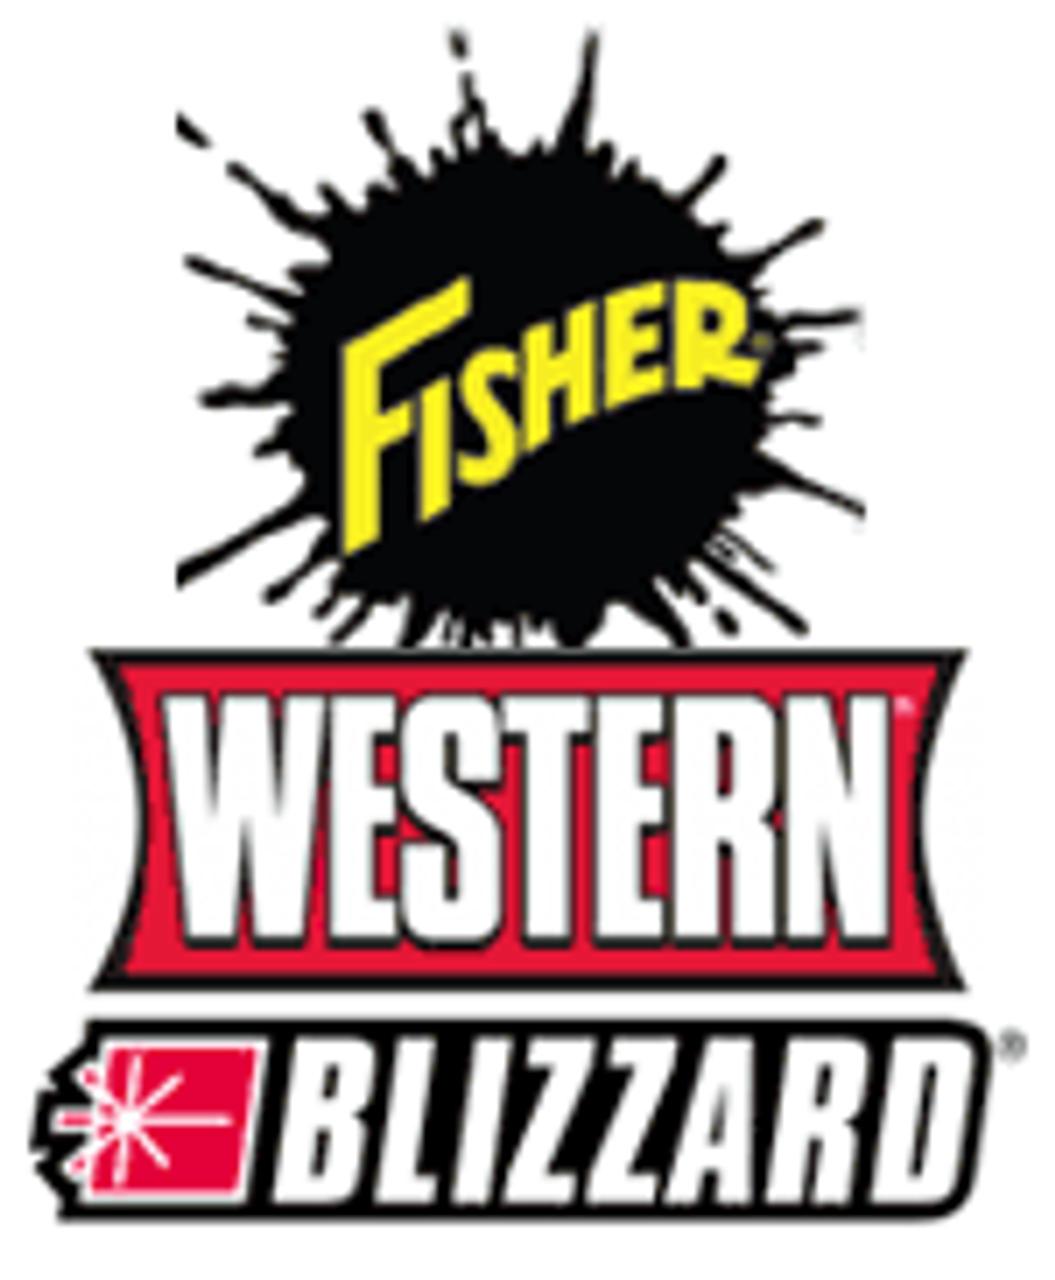 """28587 - """"FISHER - WESTERN - BLIZZARD - SNOWEX CONTROL HARNESS - VEHICLE FLEETFLEX"""